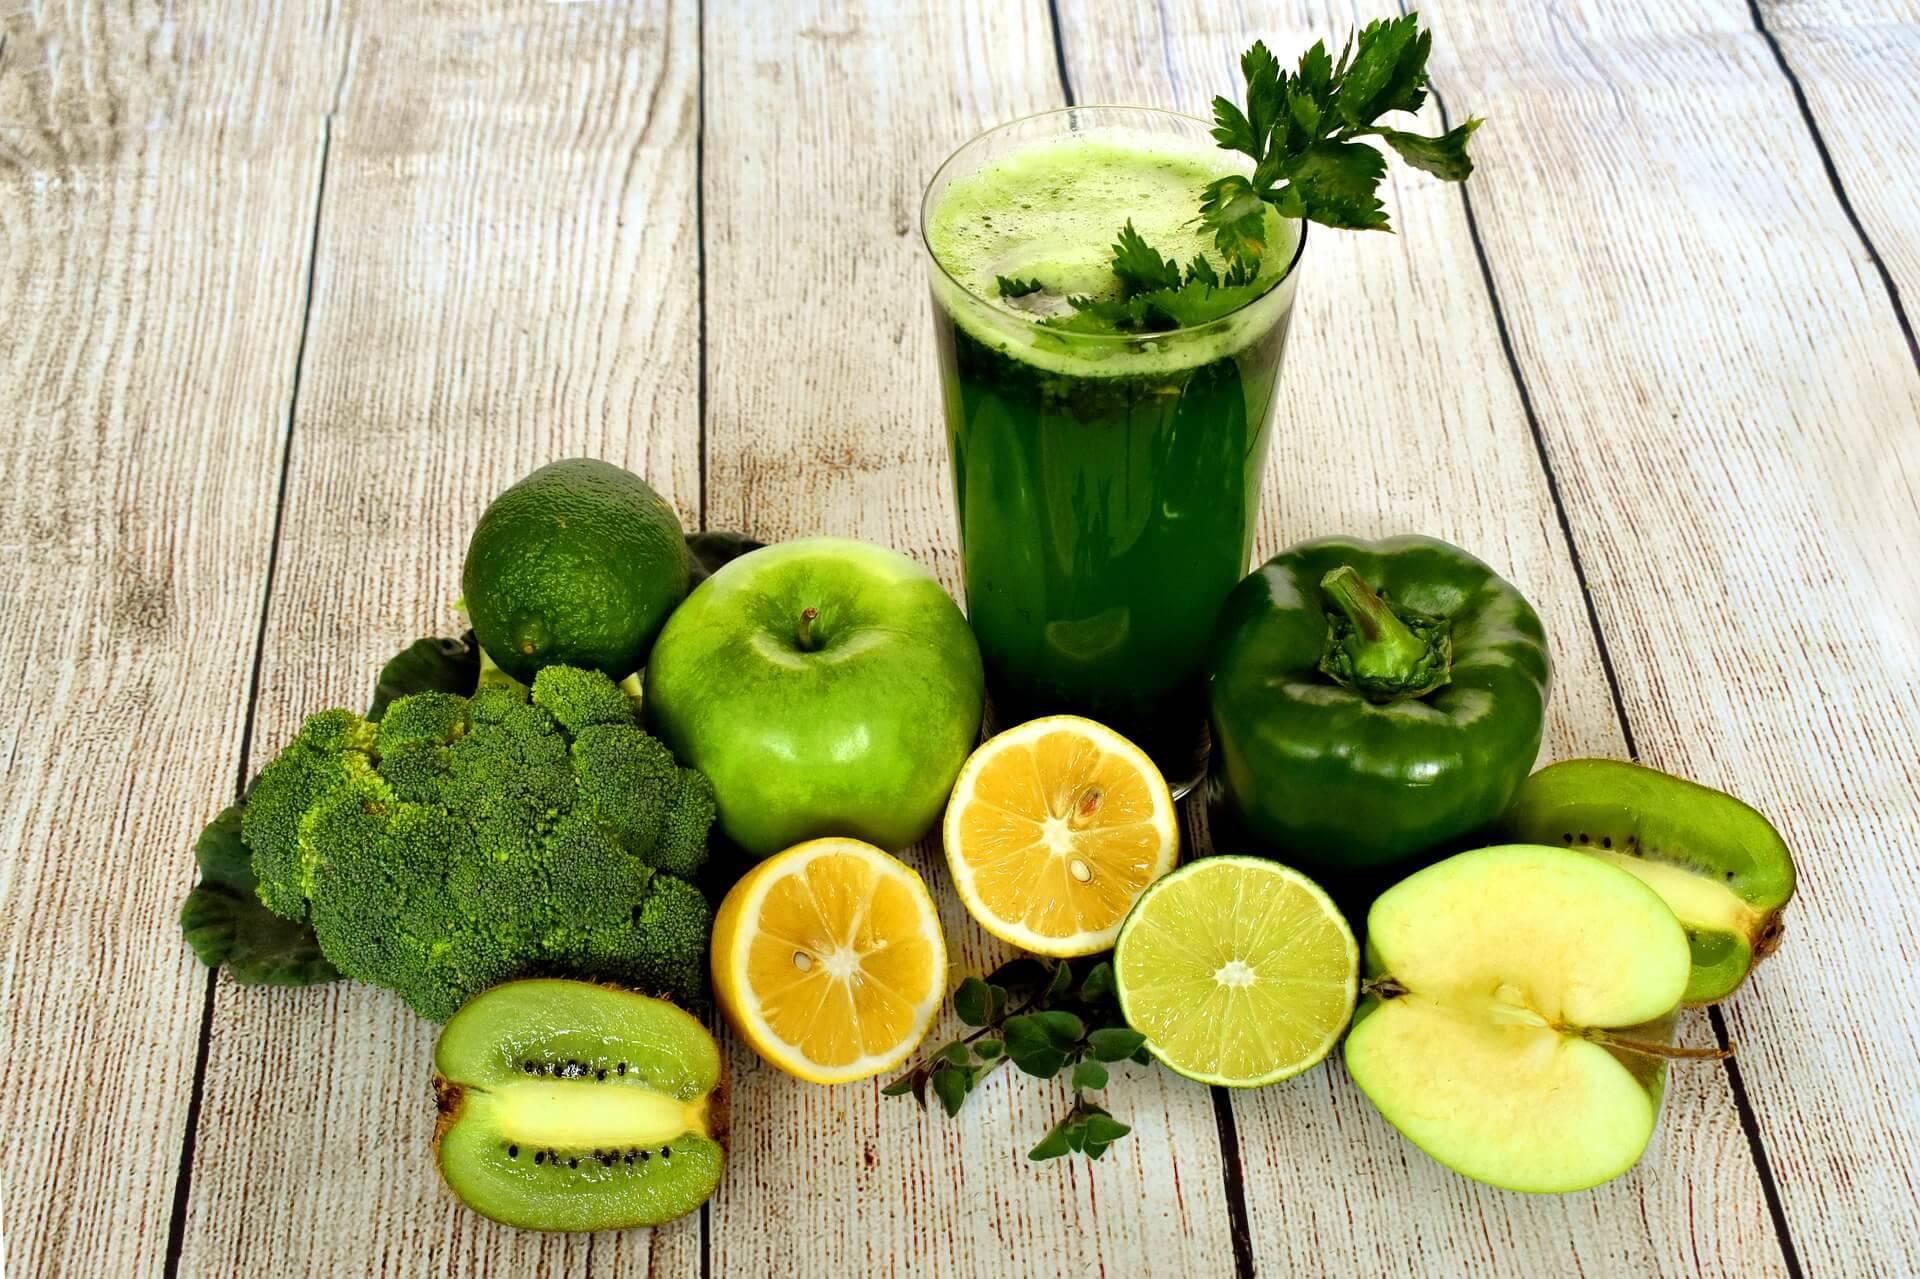 Råkost, grön smoothie